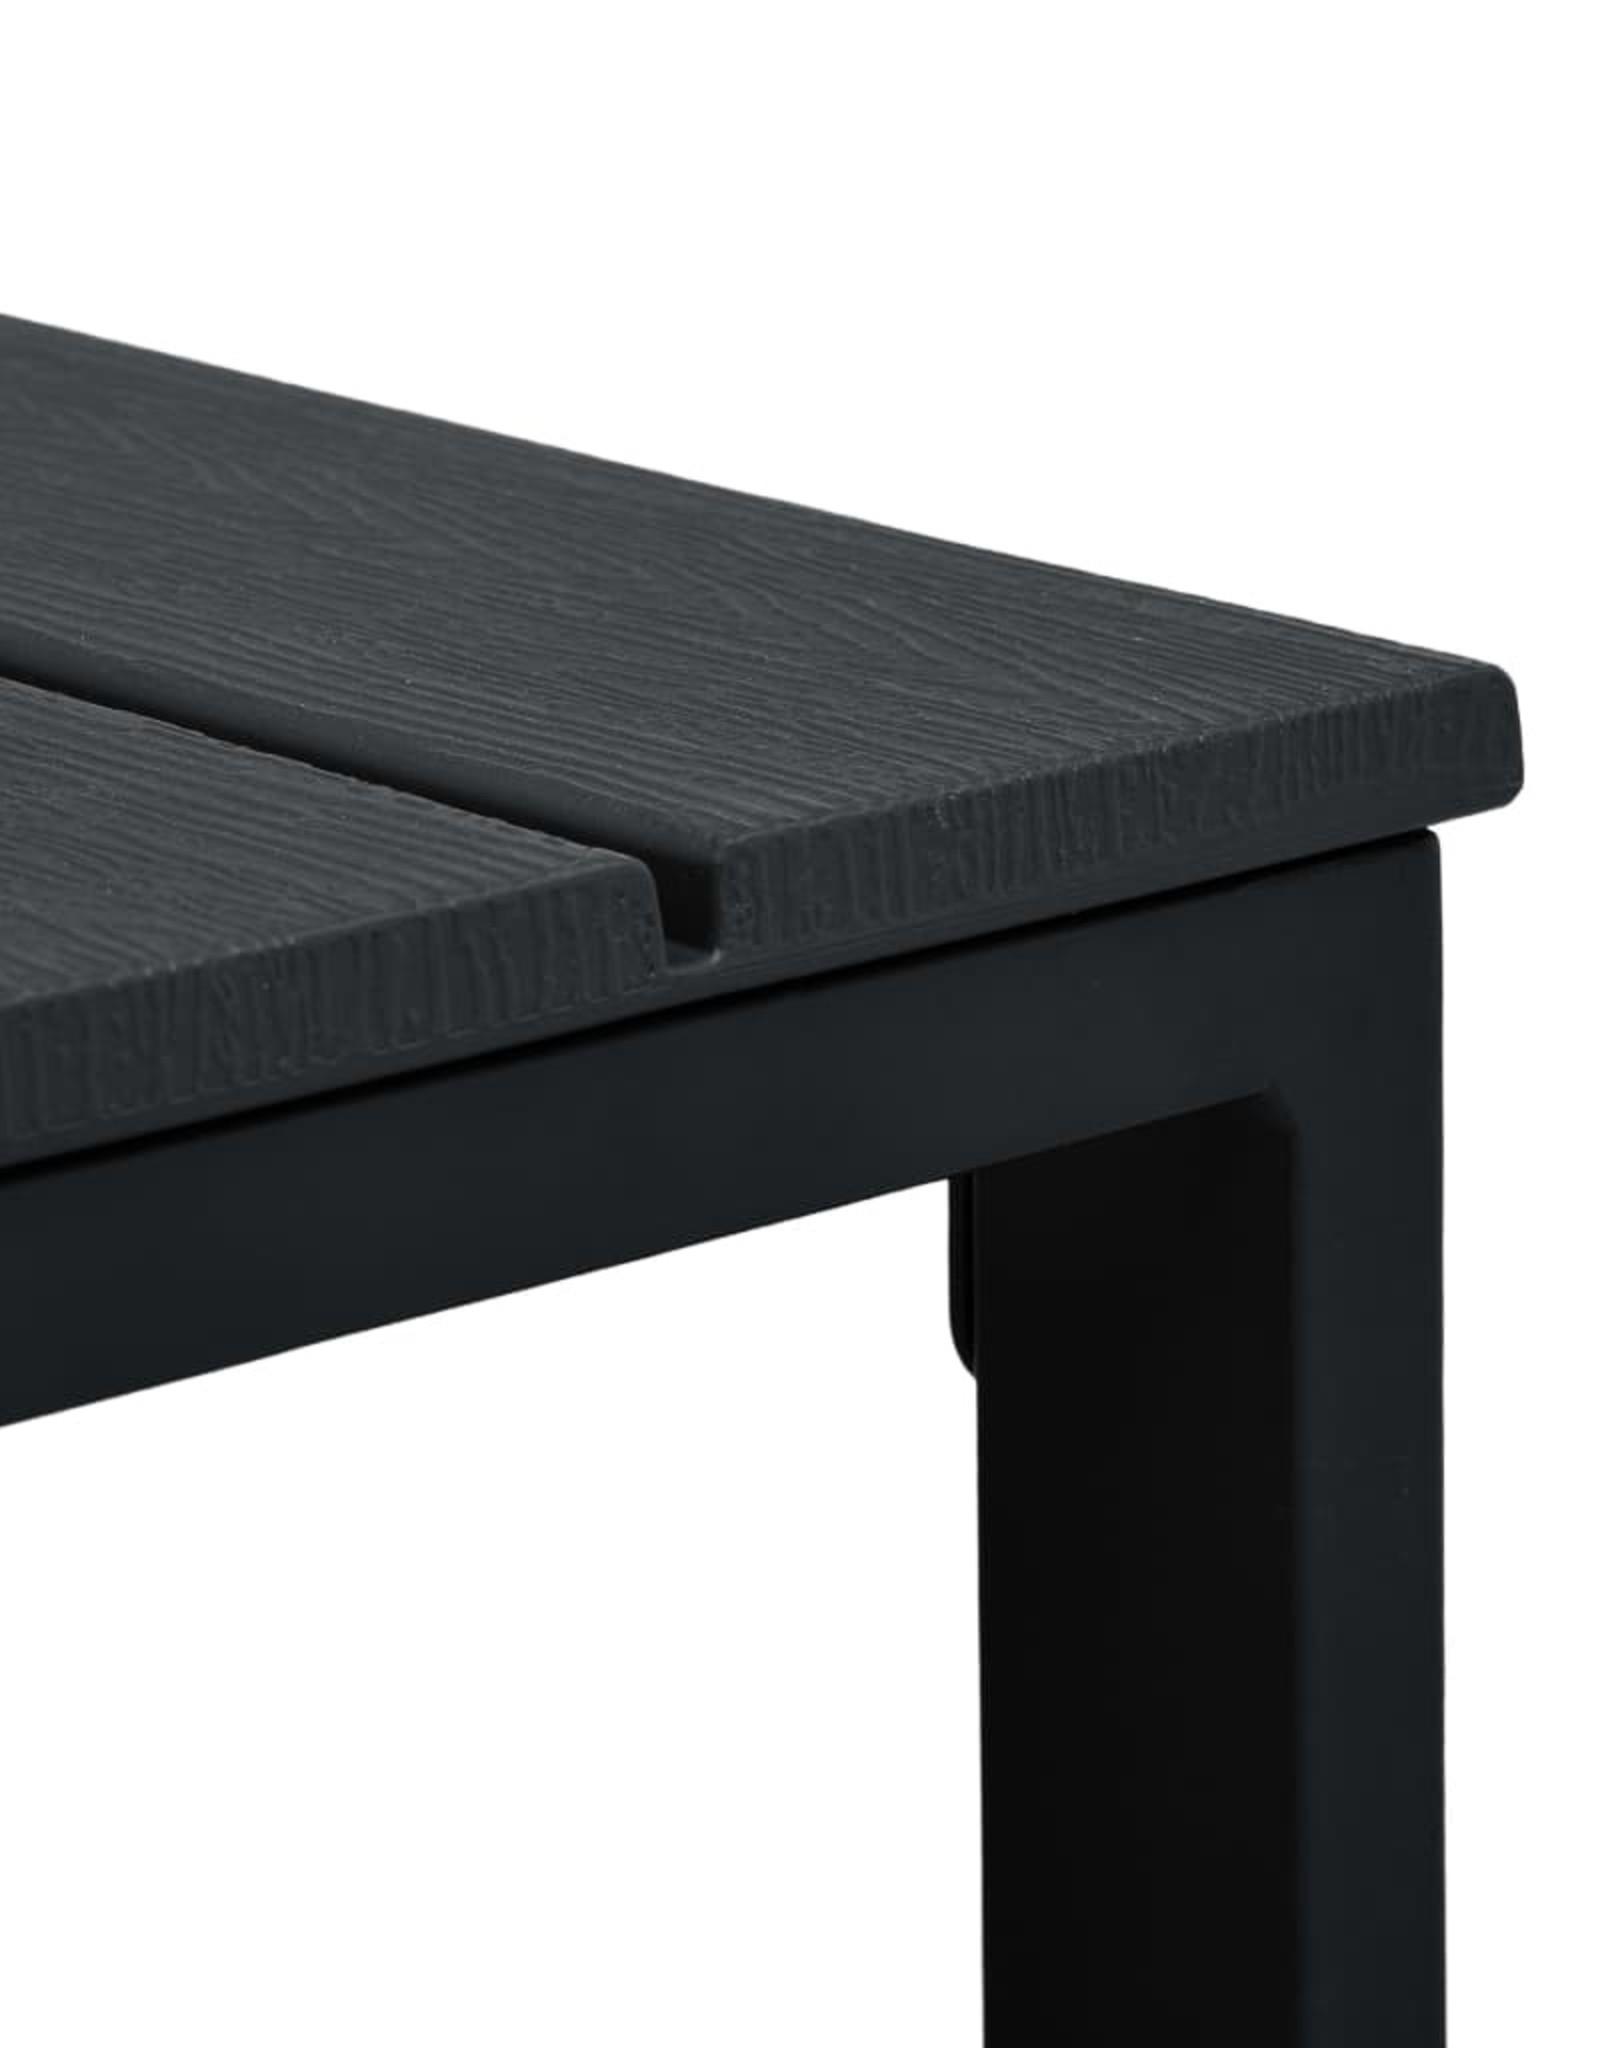 3-delige Bistroset hout-look HDPE zwart